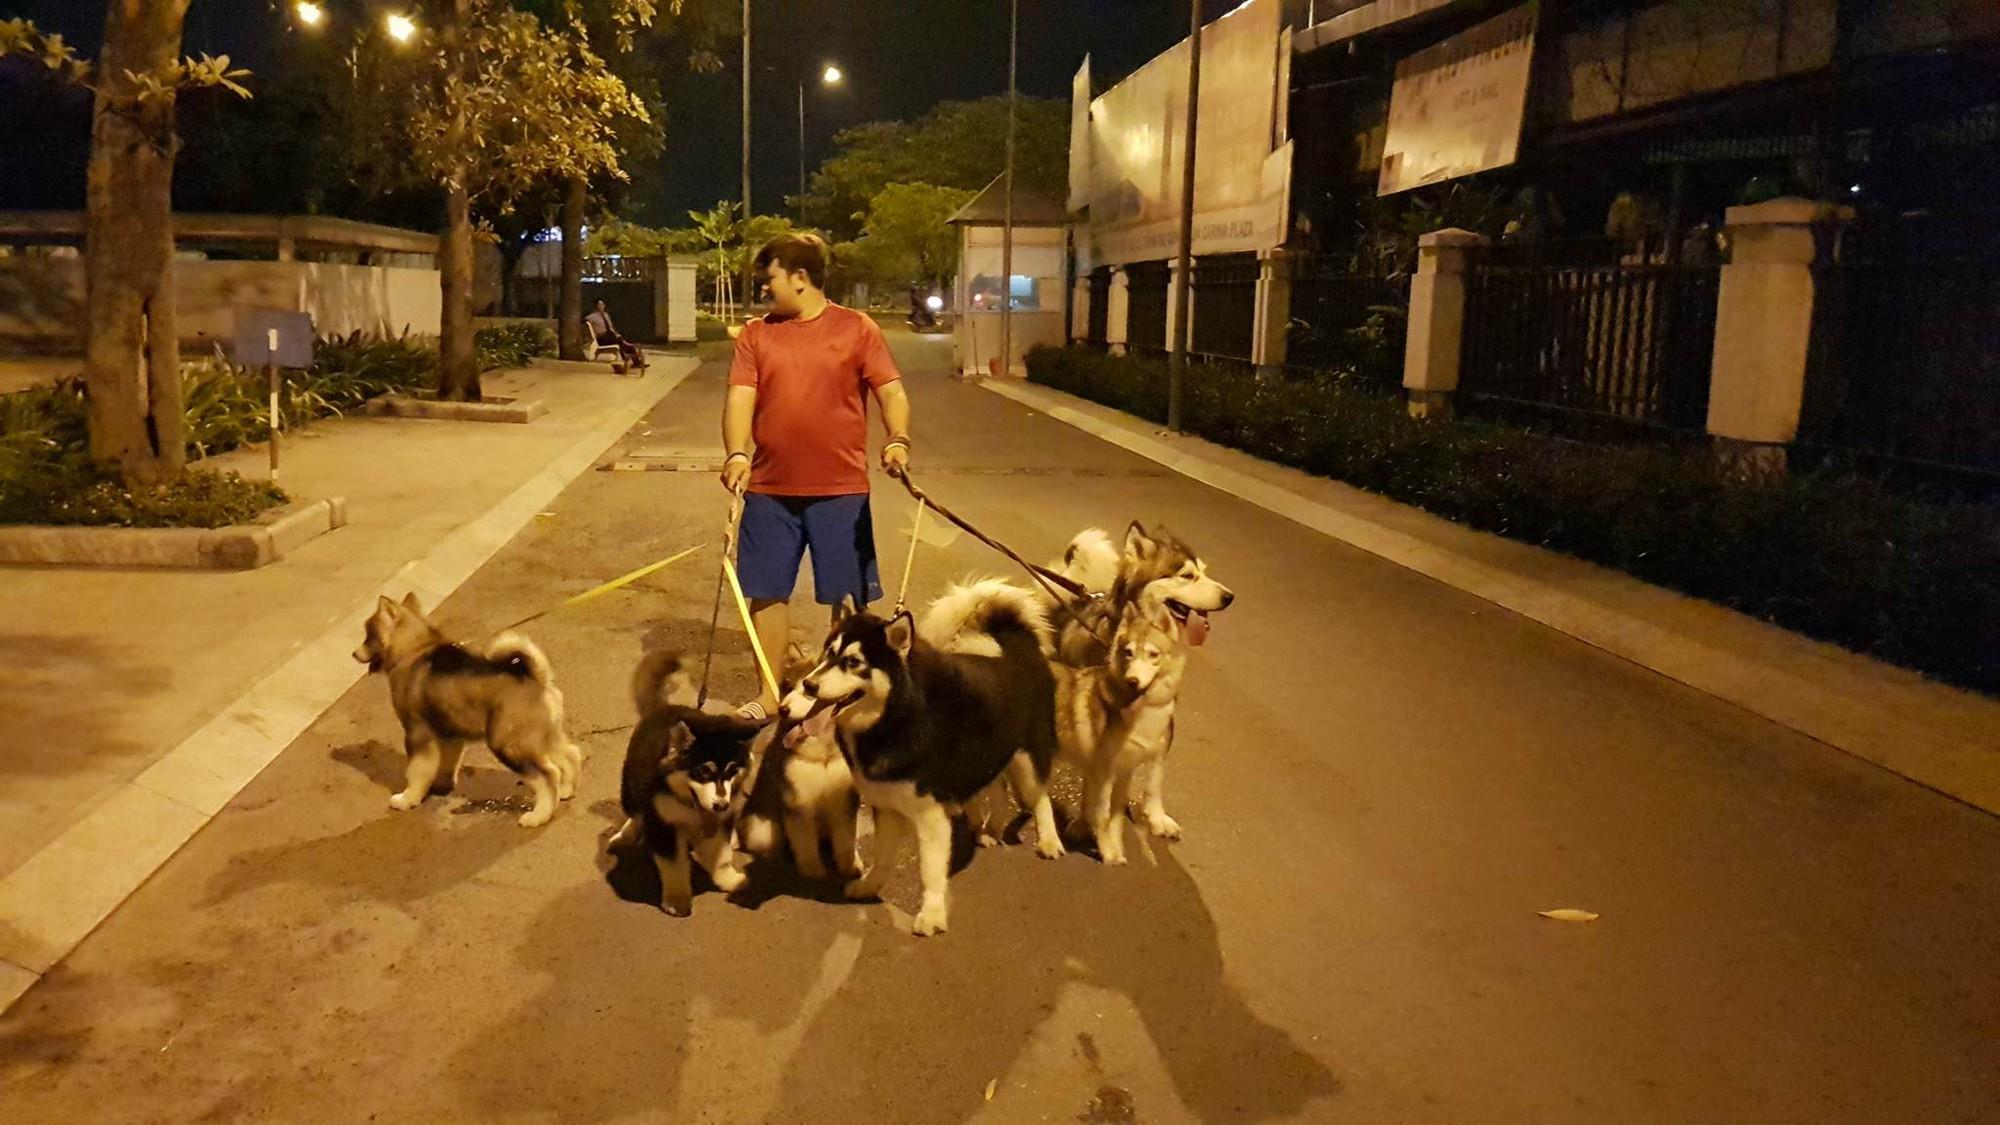 Câu chuyện cảm động về chú chó Alaska thông minh, cứu cả gia đình chủ trong đám cháy kinh hoàng tại chung cư ở Sài Gòn - Ảnh 5.